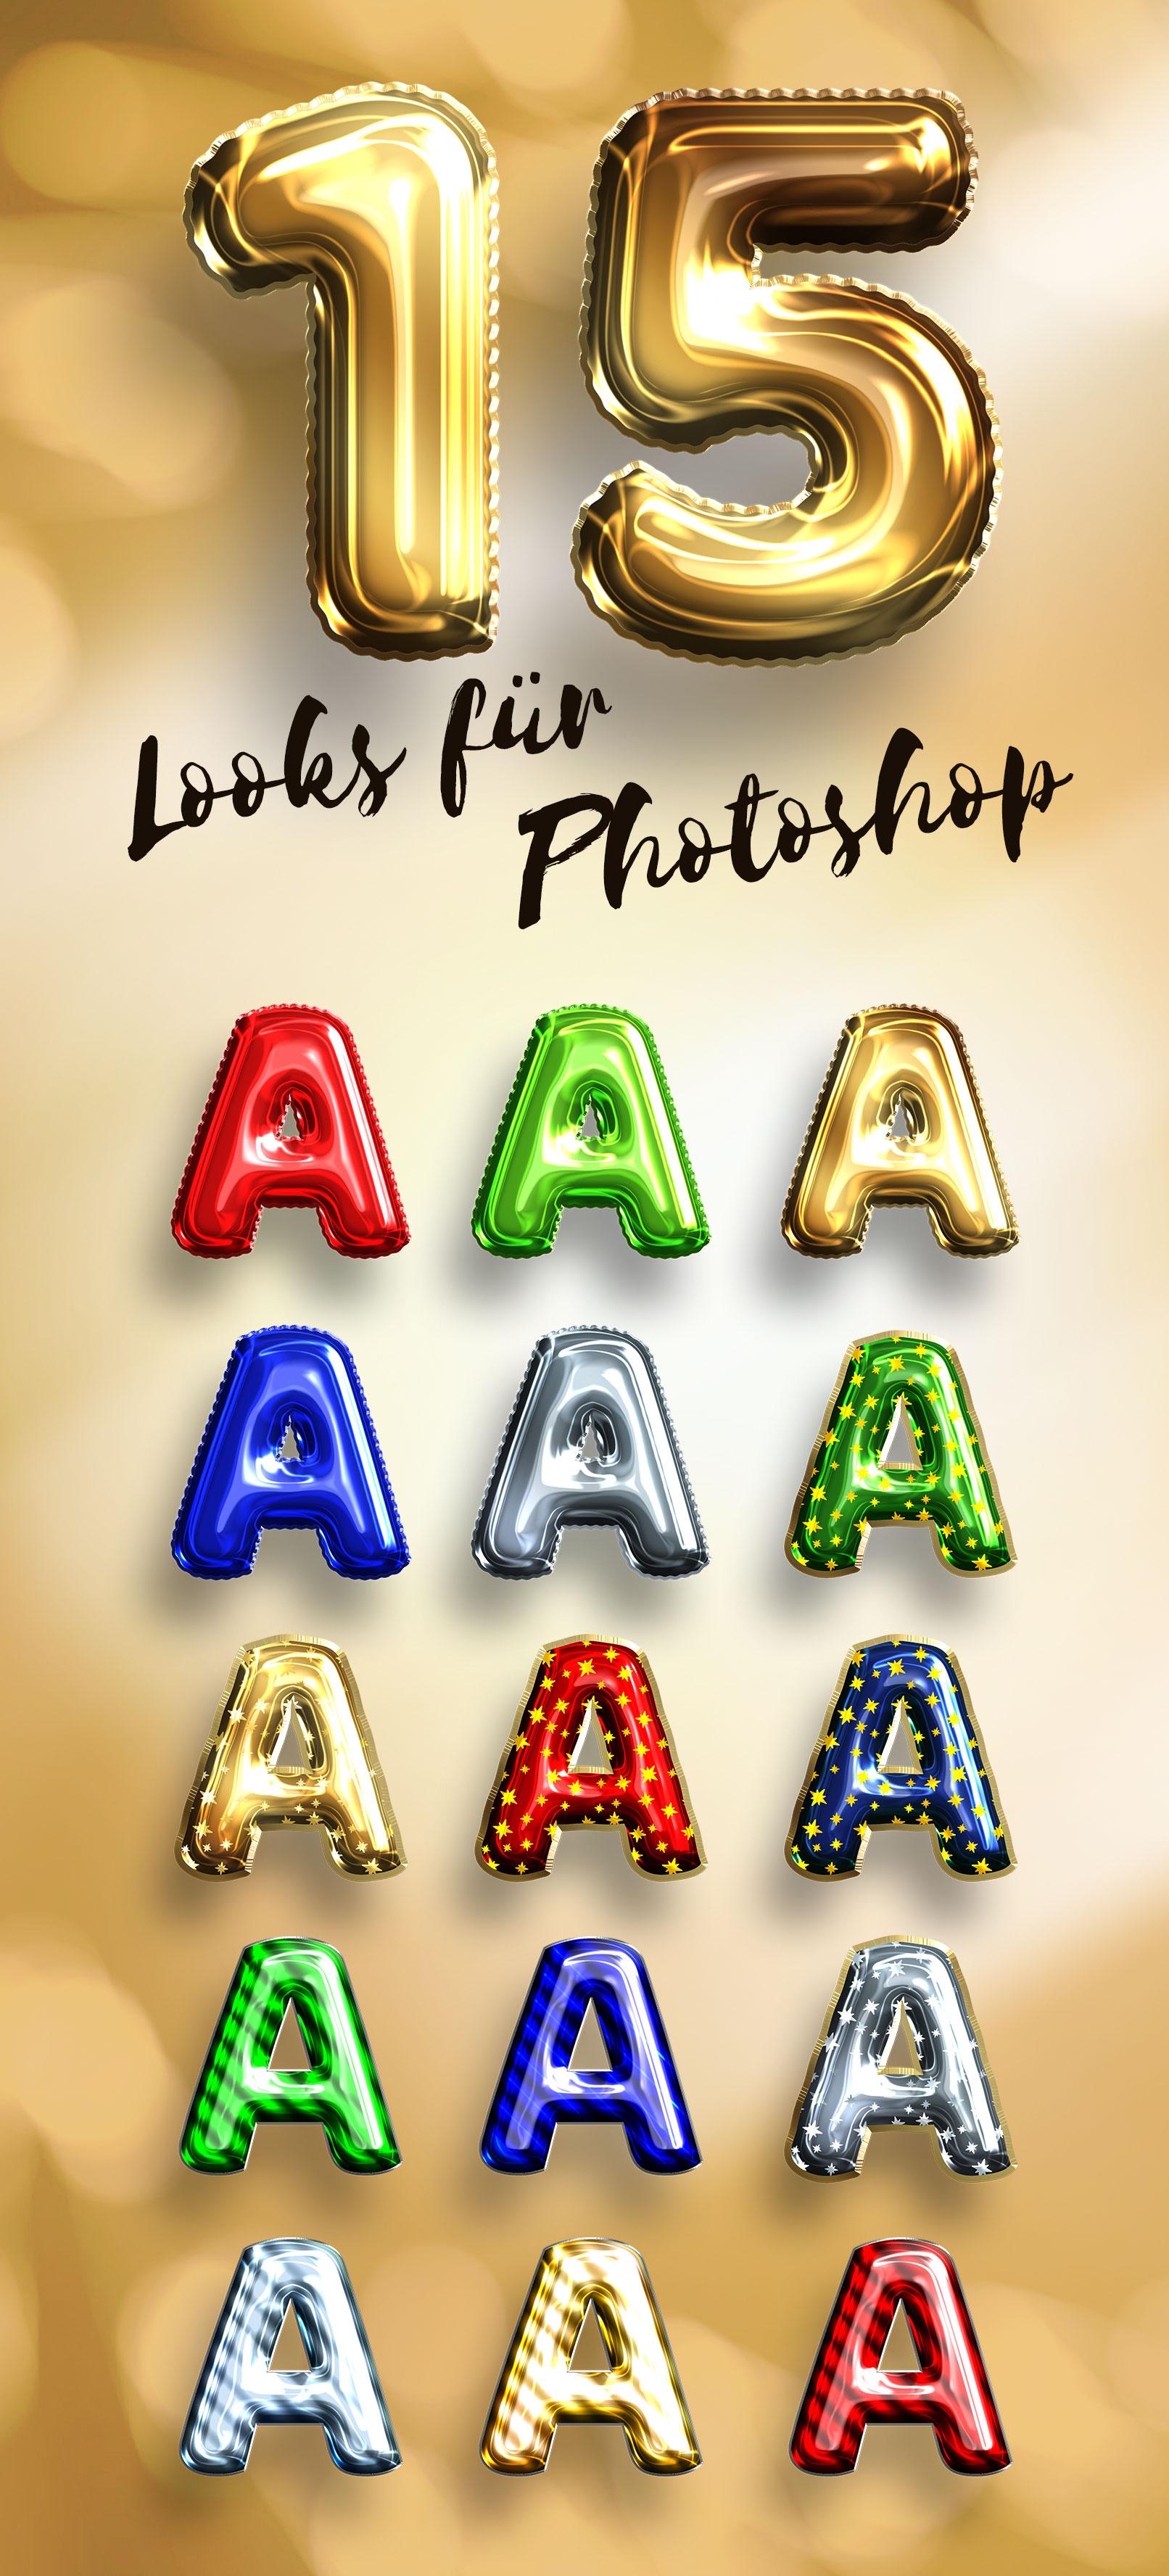 Zahlen und Buchstaben in verschiedenen Luftballon-Looks, erstellt mit Photoshop-Smartobjekten